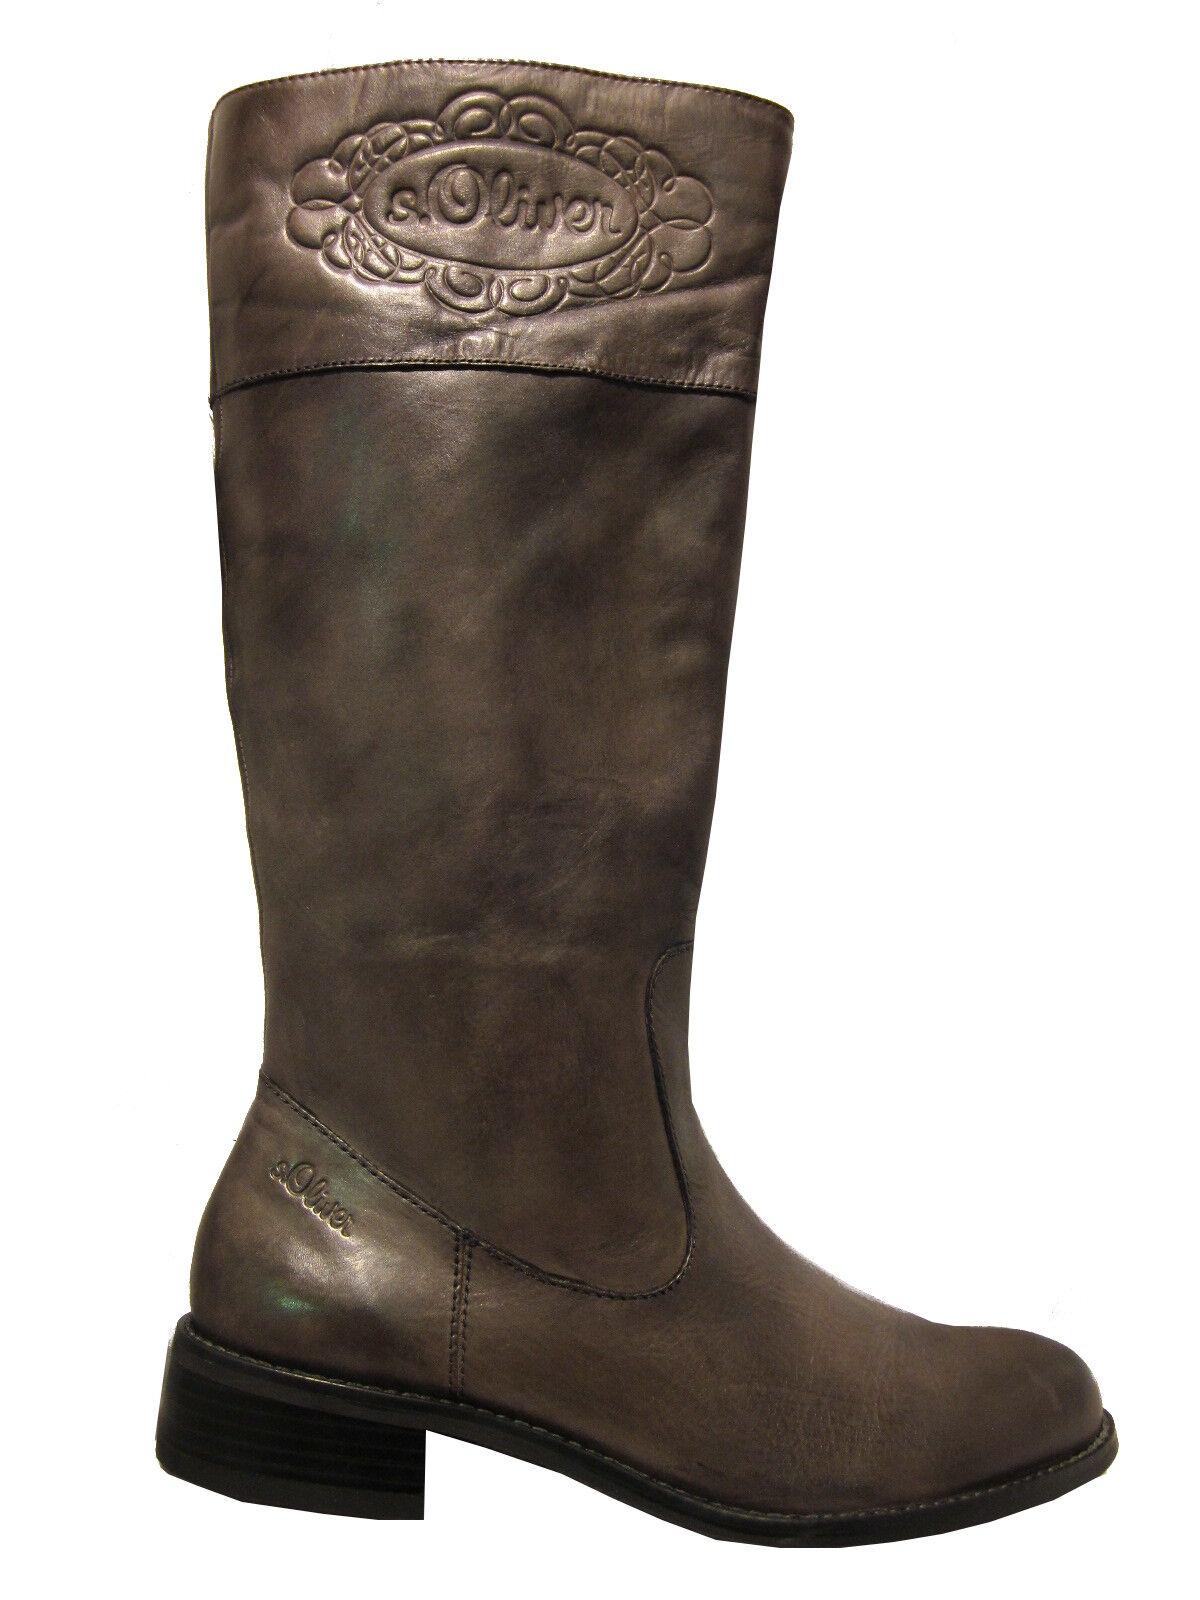 scelta migliore S. Oliver Oliver Oliver 25633 Stivali Grigio GRAPHITE TAGLIA 41 NUOVO  servizio di prima classe